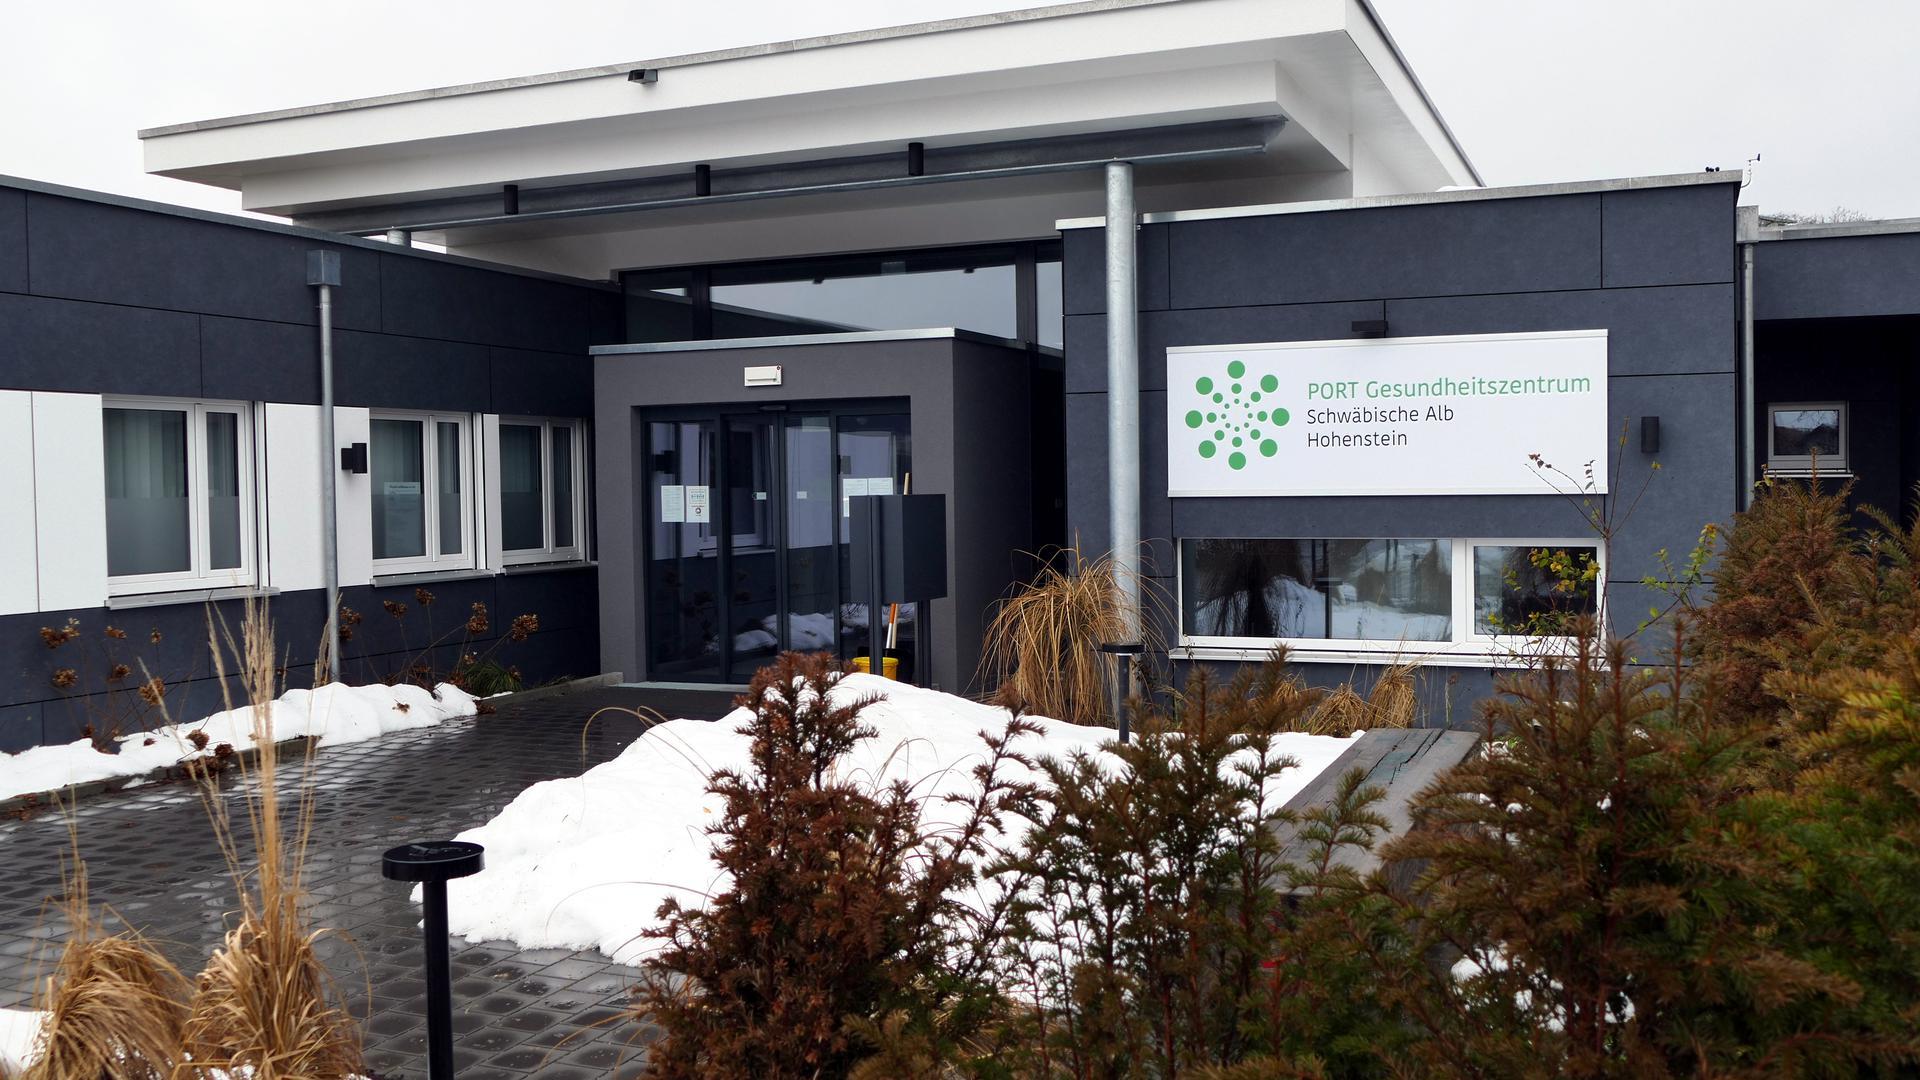 Das PORT Gesundheitszentrum Schwäbische Alb in Hohenstein im Kreis Reutlingen ist seit Herbst 2019 geöffnet.